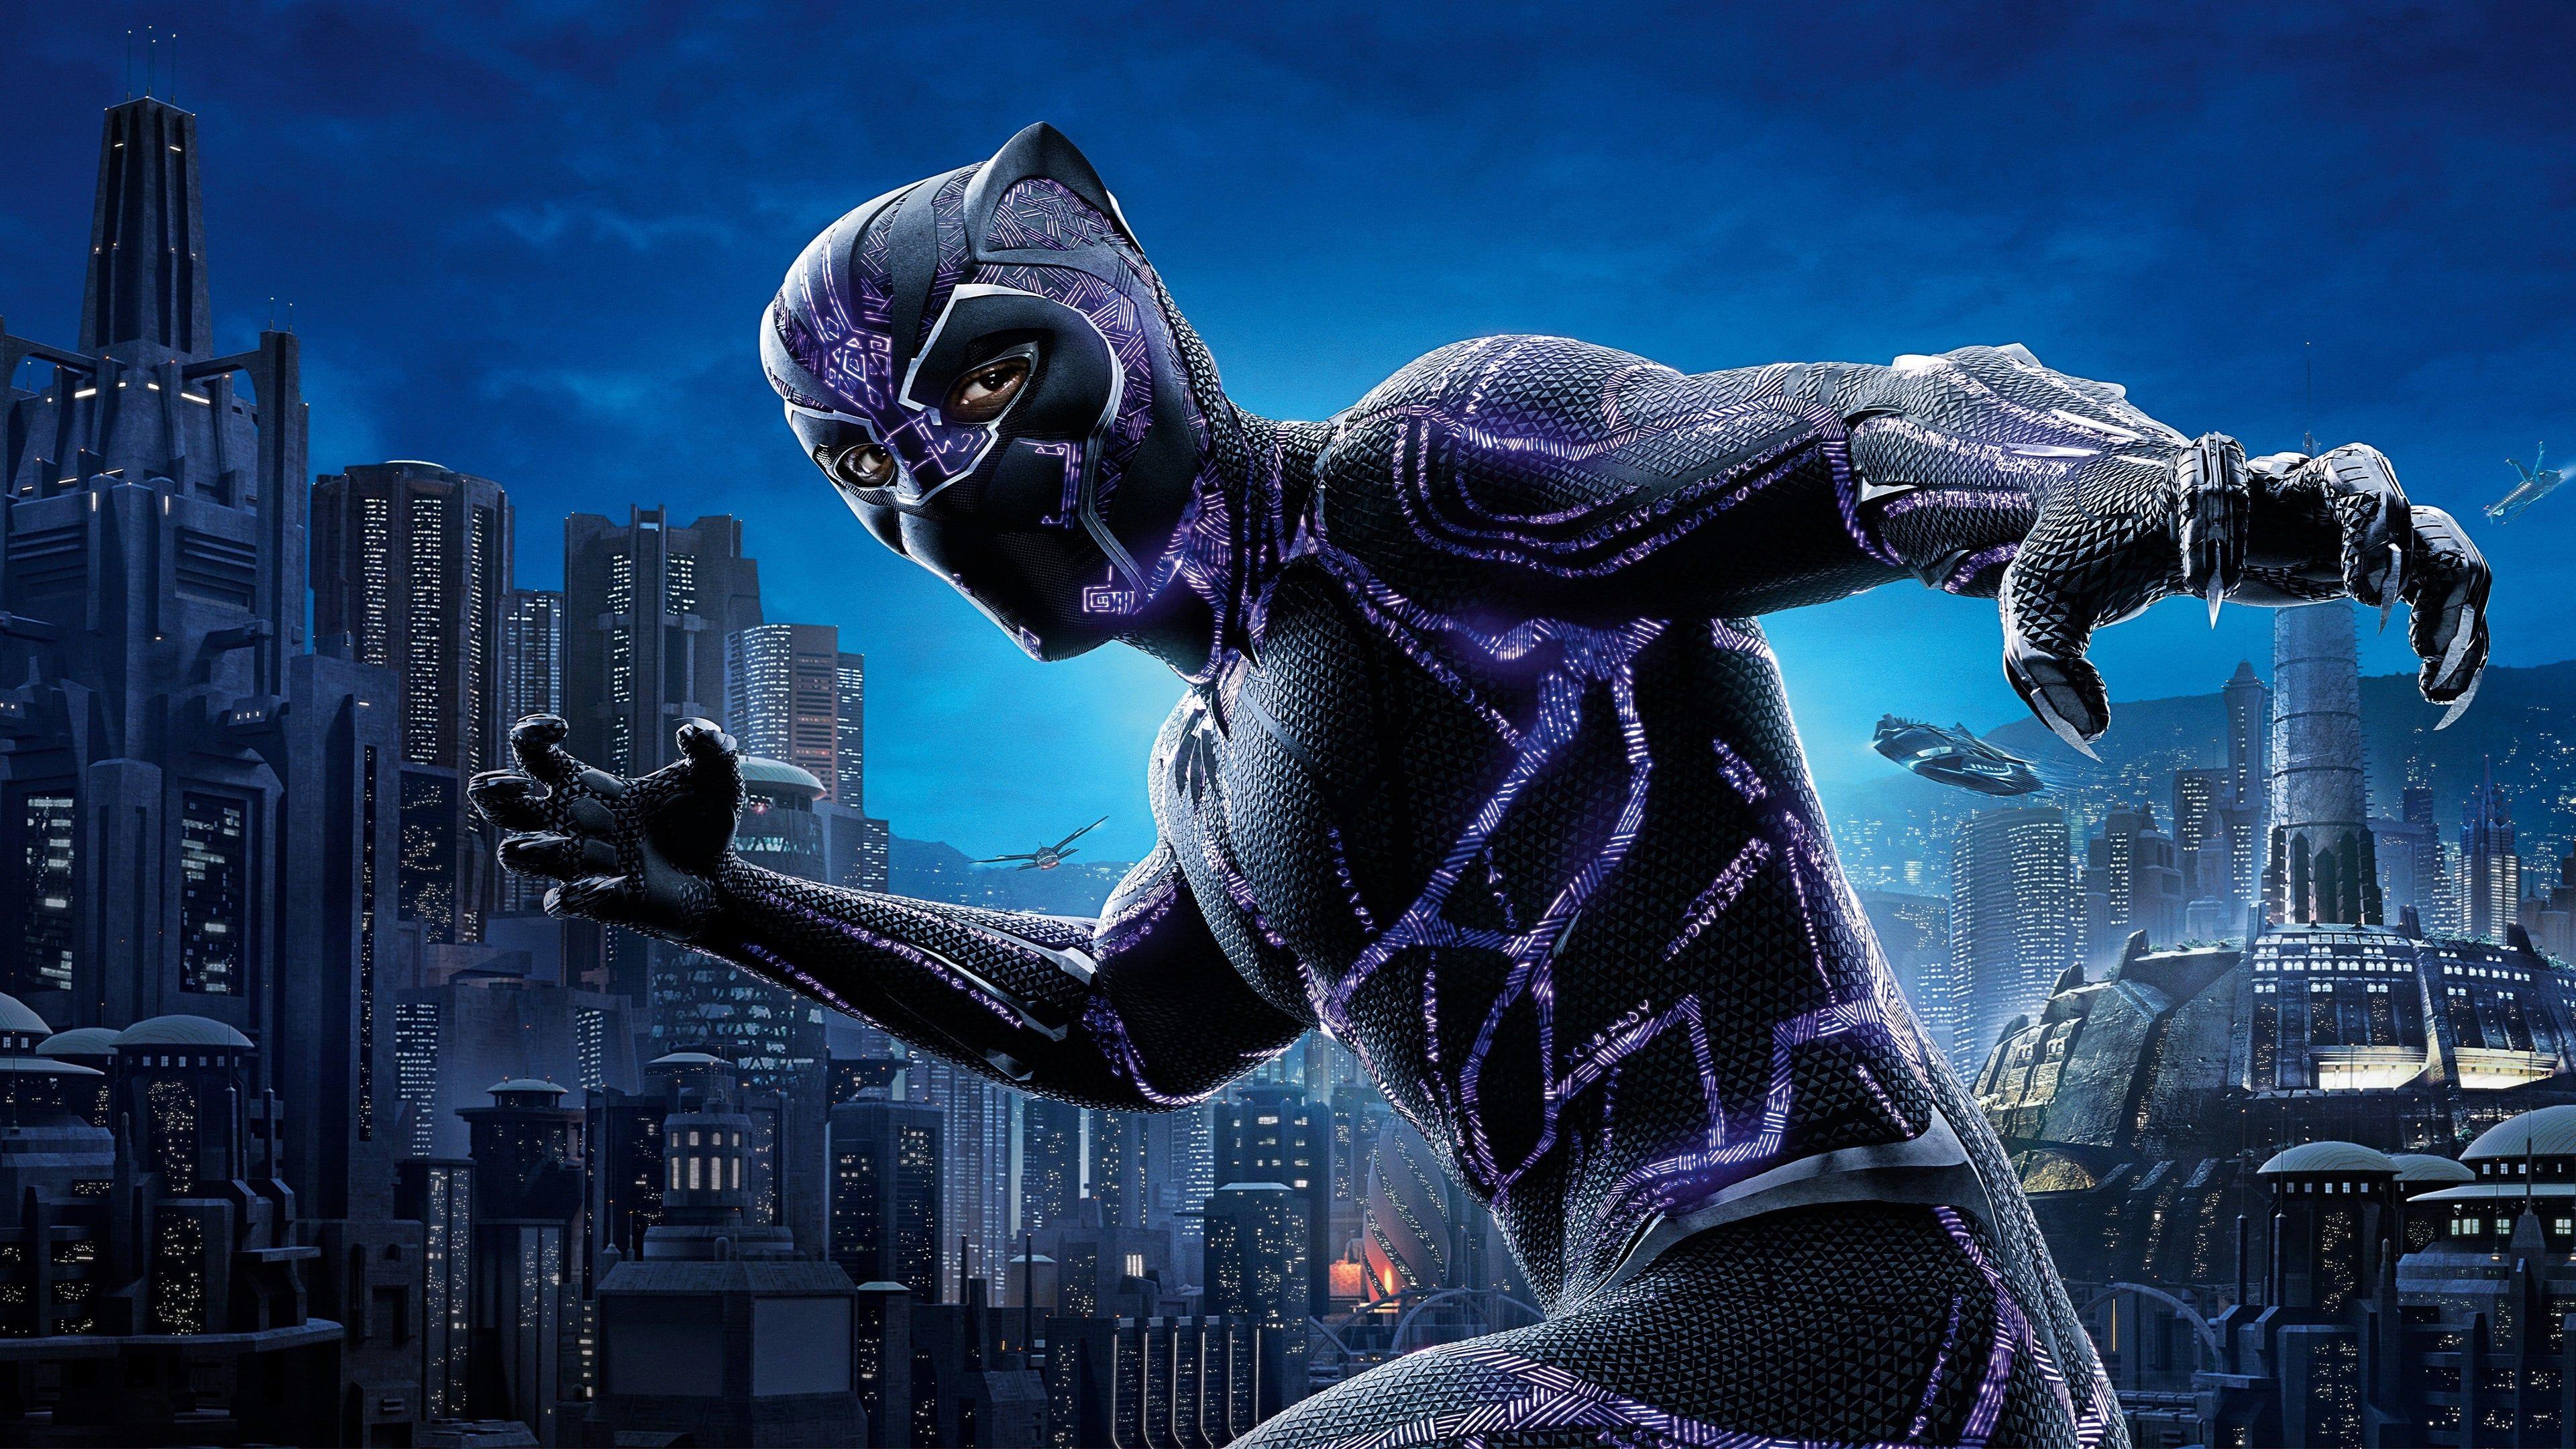 Black Panther 2018 Streaming Ita Cb01 Film Completo Italiano Altadefinizione Re T Challa Black Panther Hd Wallpaper Black Panther Marvel Black Panther Costume